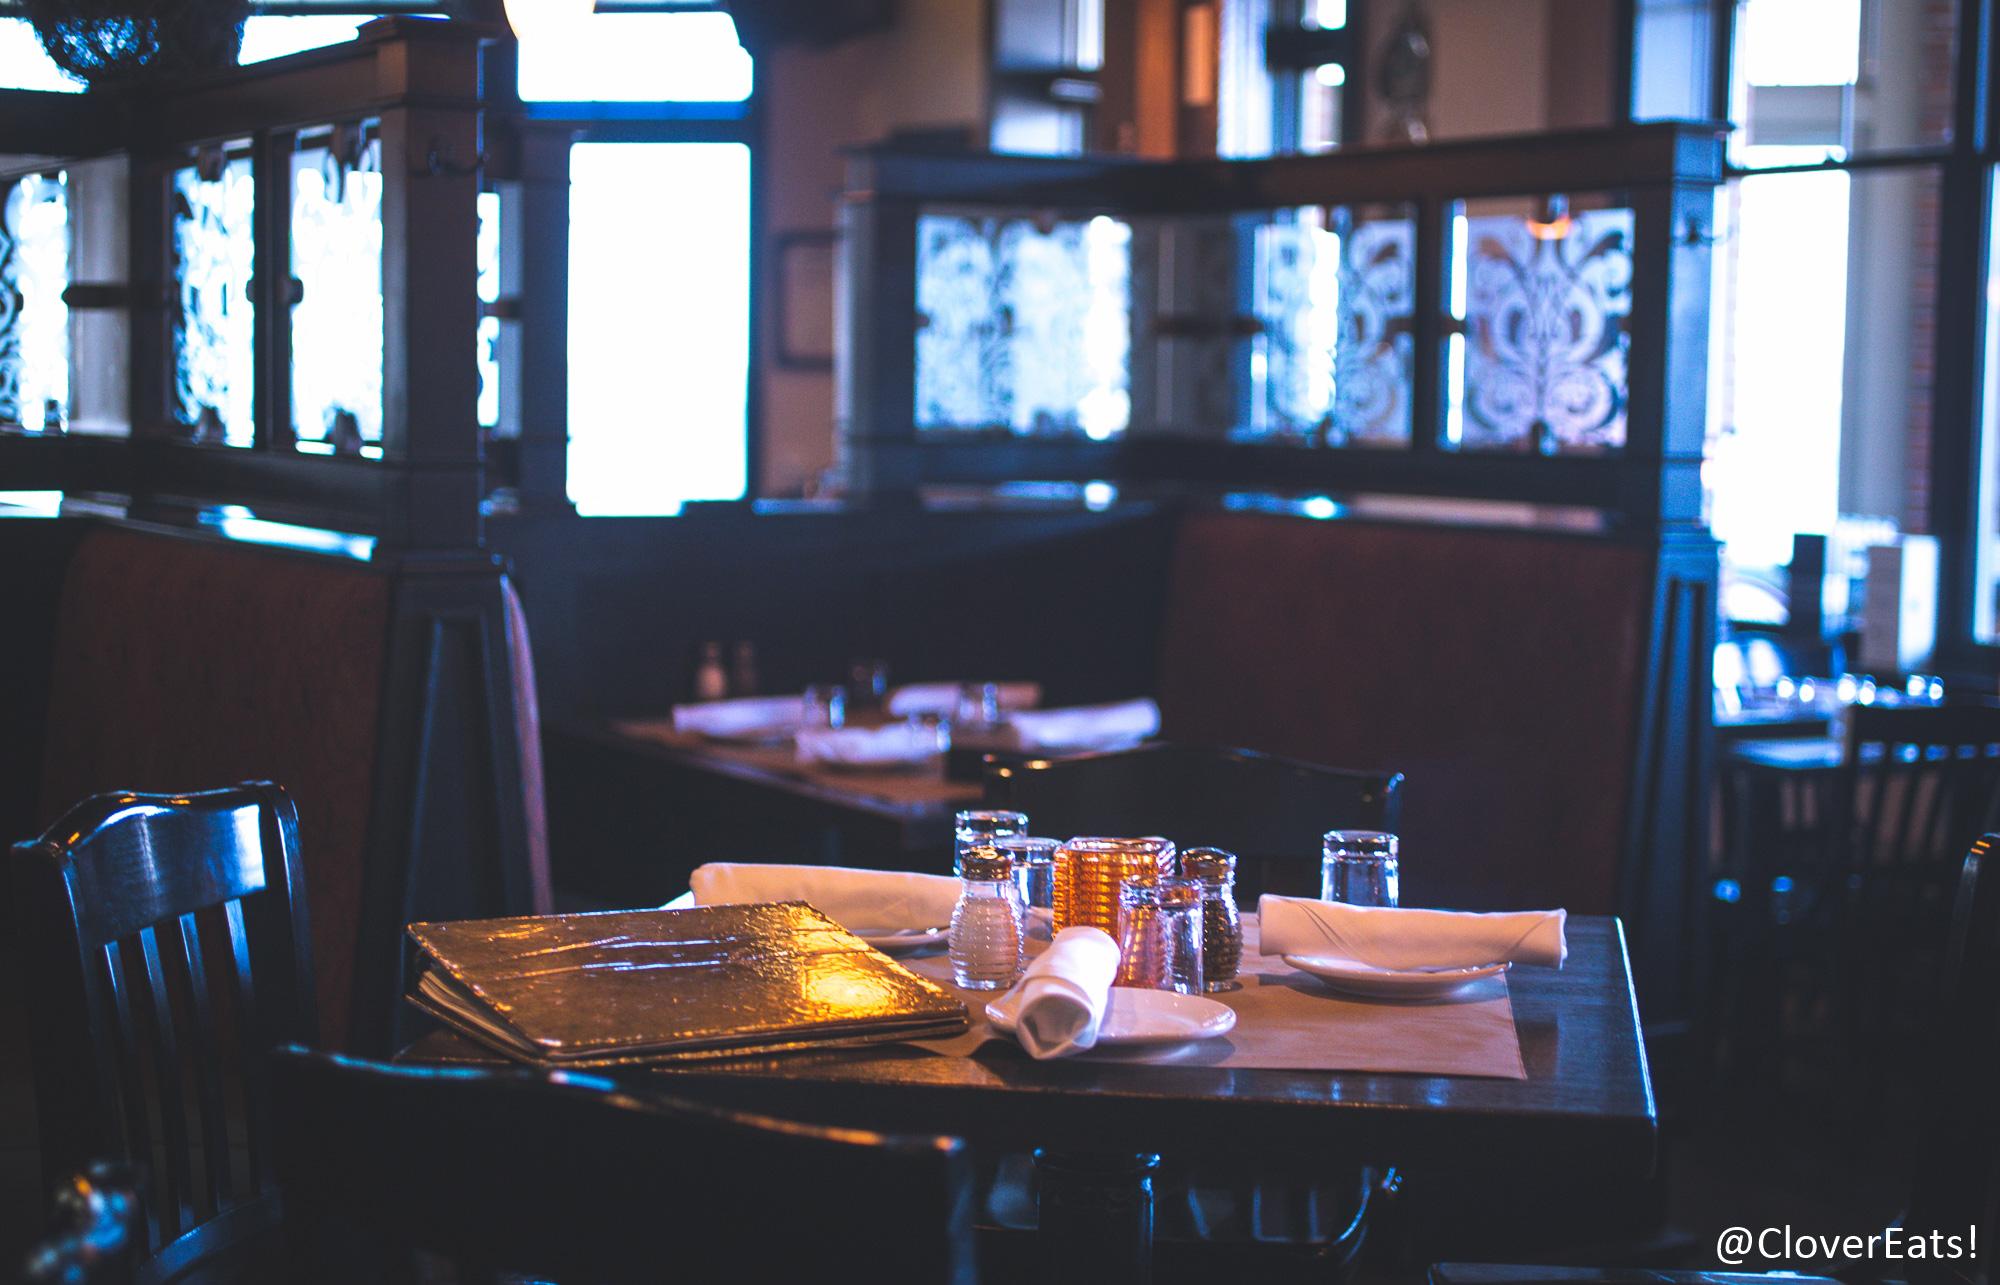 cafe sante in boyne city | clover eats!